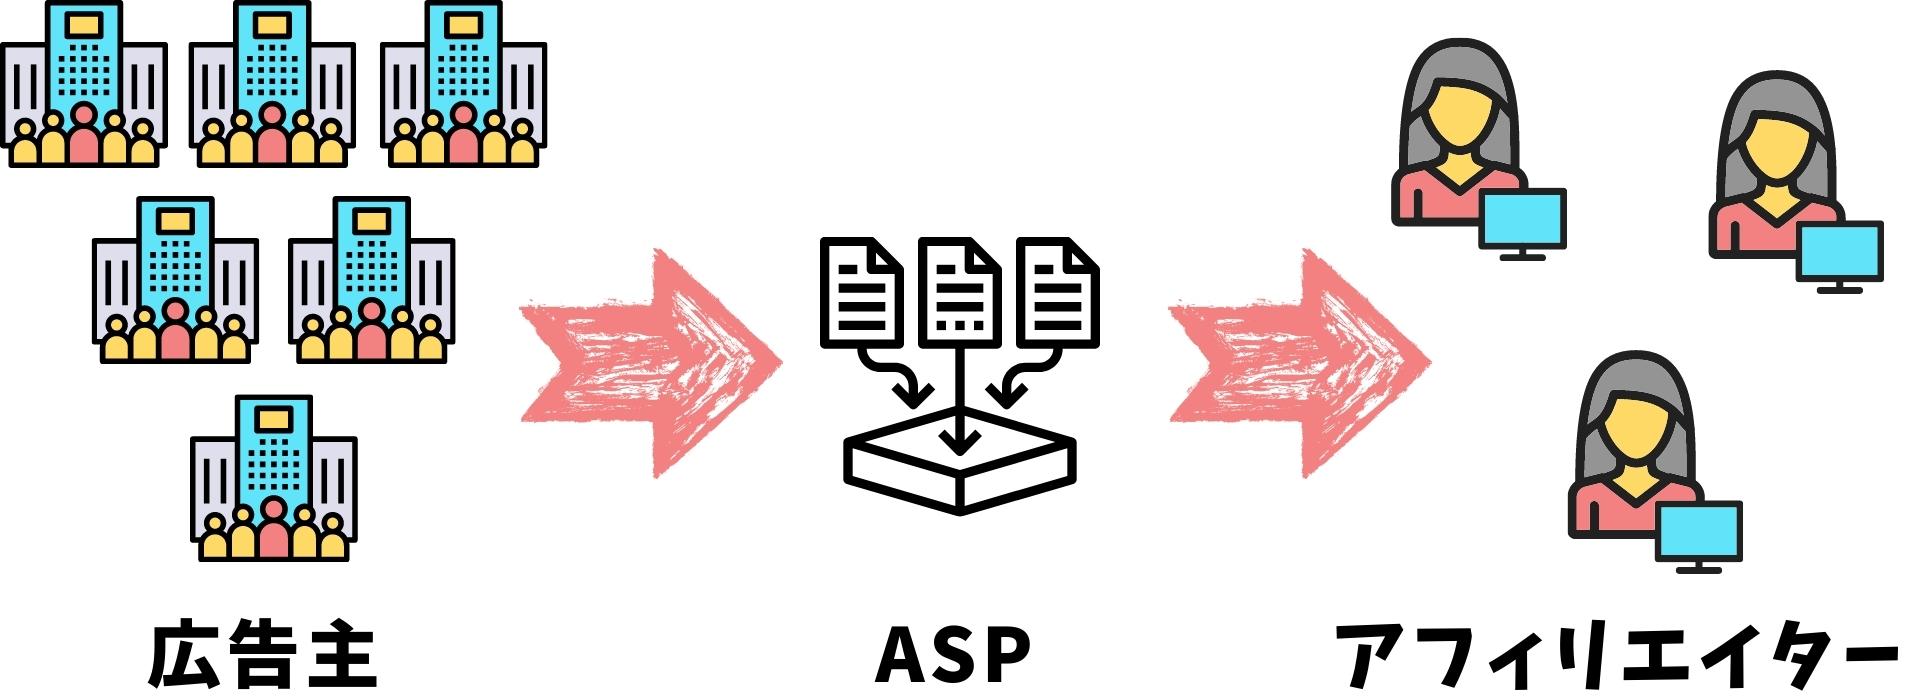 アフィリエイトをやるならASP登録をおすすめ!